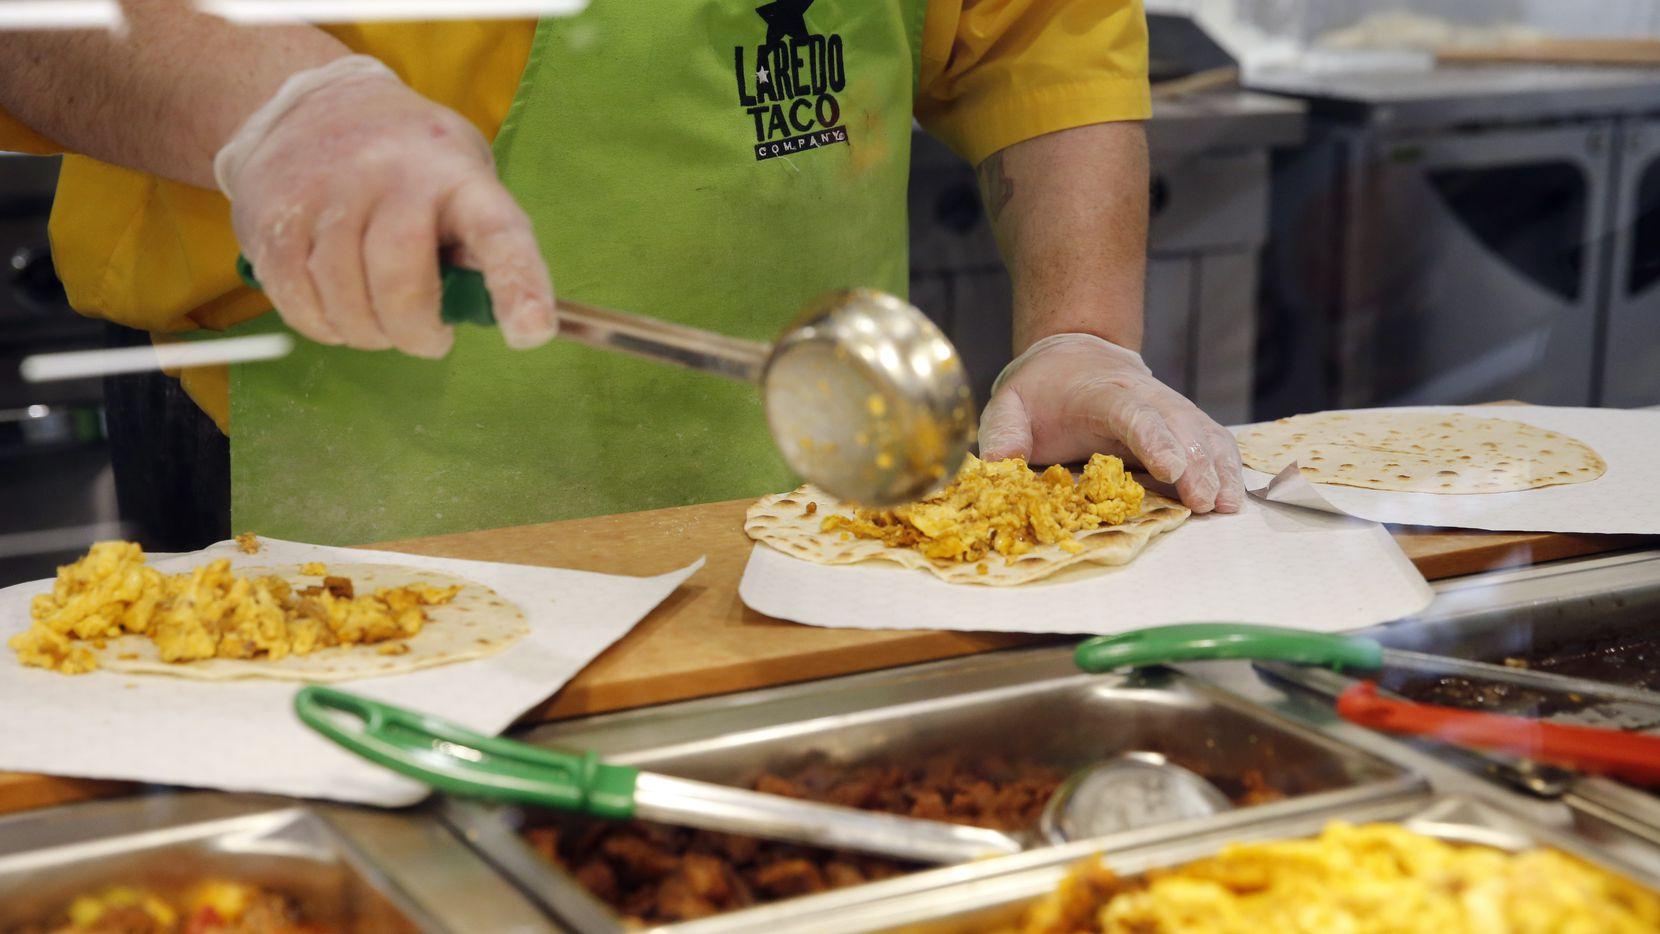 Tacos Laredo ahora se venden Audelia Road y Walnut Hill Lane dentro de un 7-Eleven.